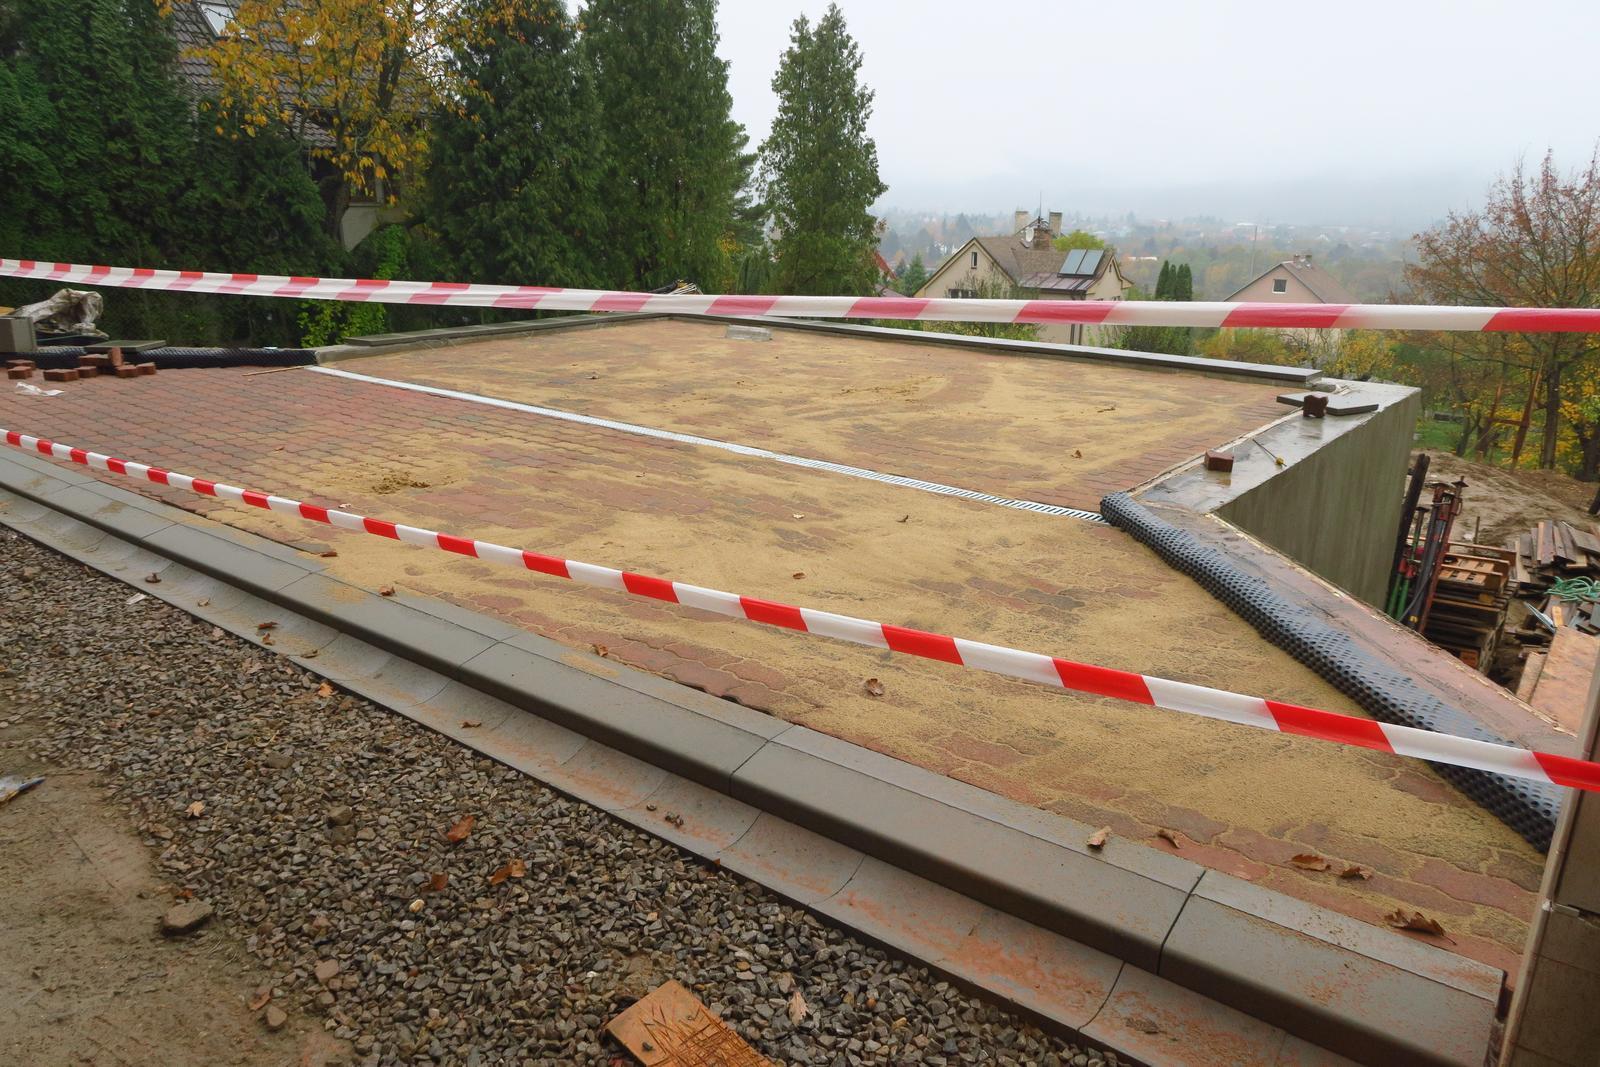 Stavba našeho bungalovu ve svahu - Náš soukromý heliport :-D